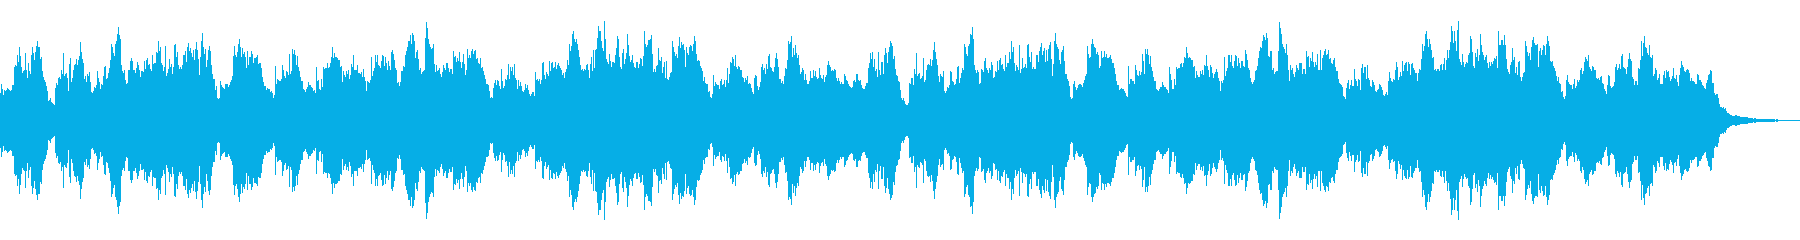 銀河鉄道の再生済みの波形